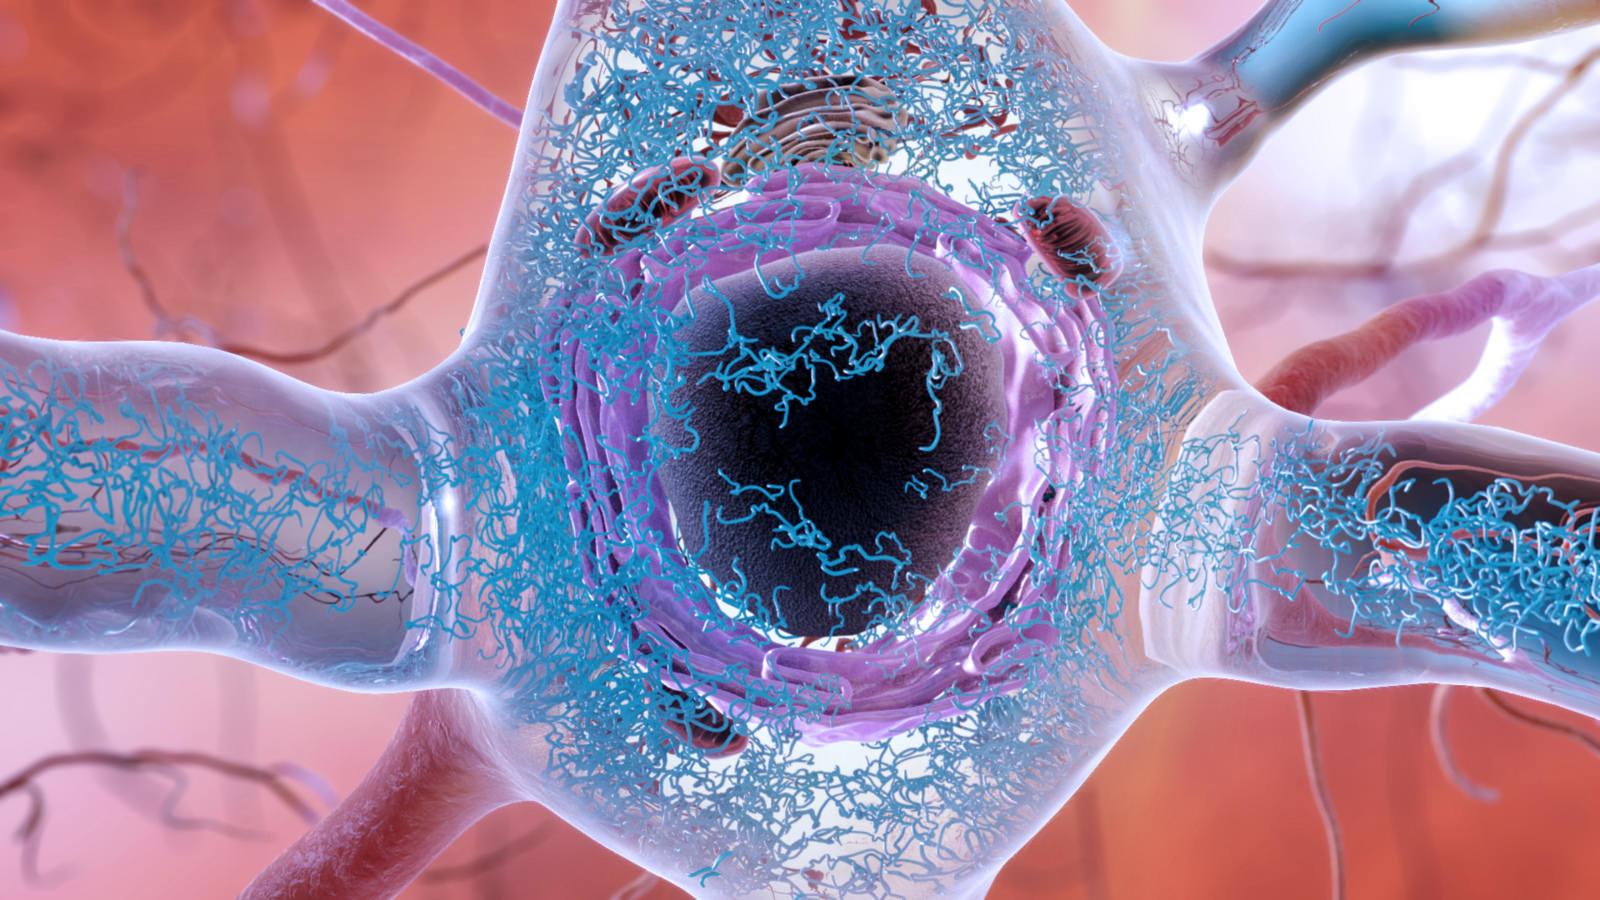 Las acumulaciones anormales de una proteína llamada tau (en azul en la imagen) pueden acumularse dentro de las neuronas, formando hilos enredados y, finalmente, dañando la conexión sináptica entre las neuronas. Imagen: National Institute on Aging.